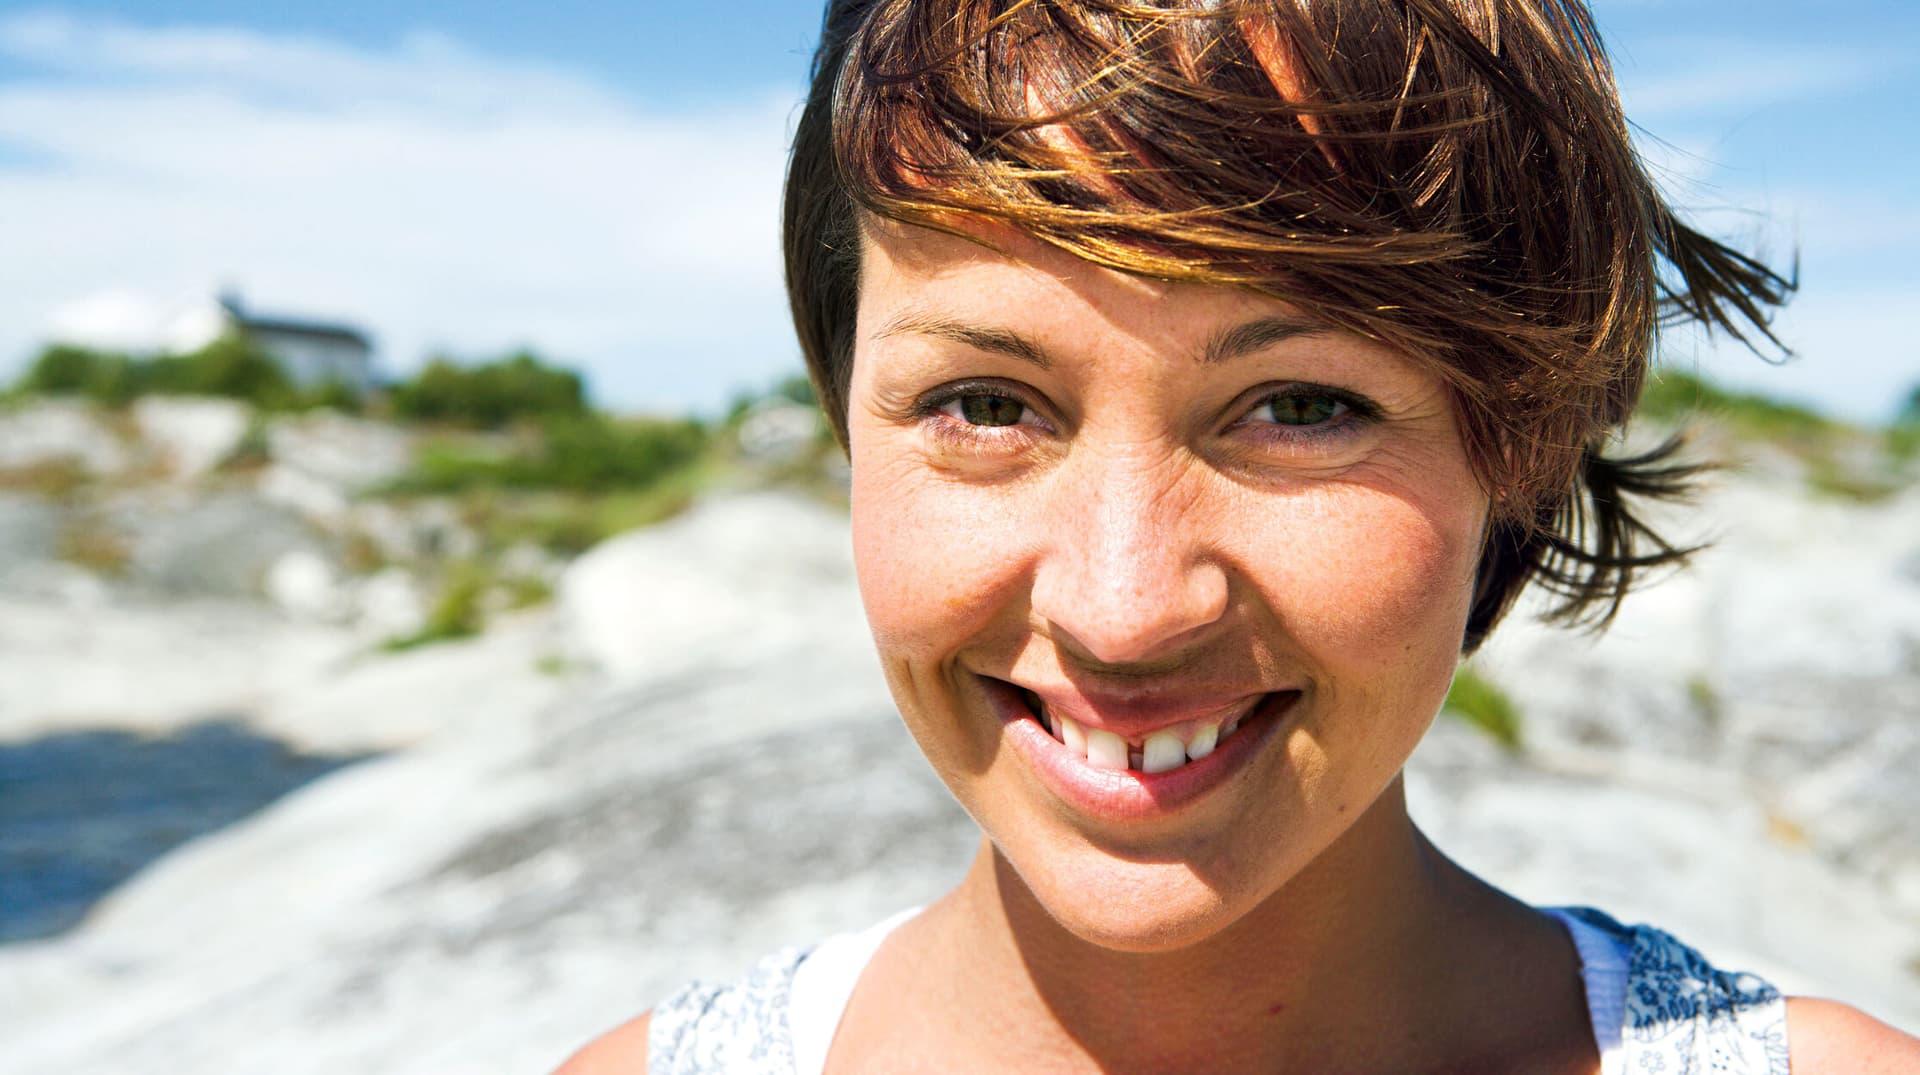 Lächelnde Frau mit Zahnlücke in der Sonne, im Hintergrund Dünen, ein Haus und ein wenig vom Meer.